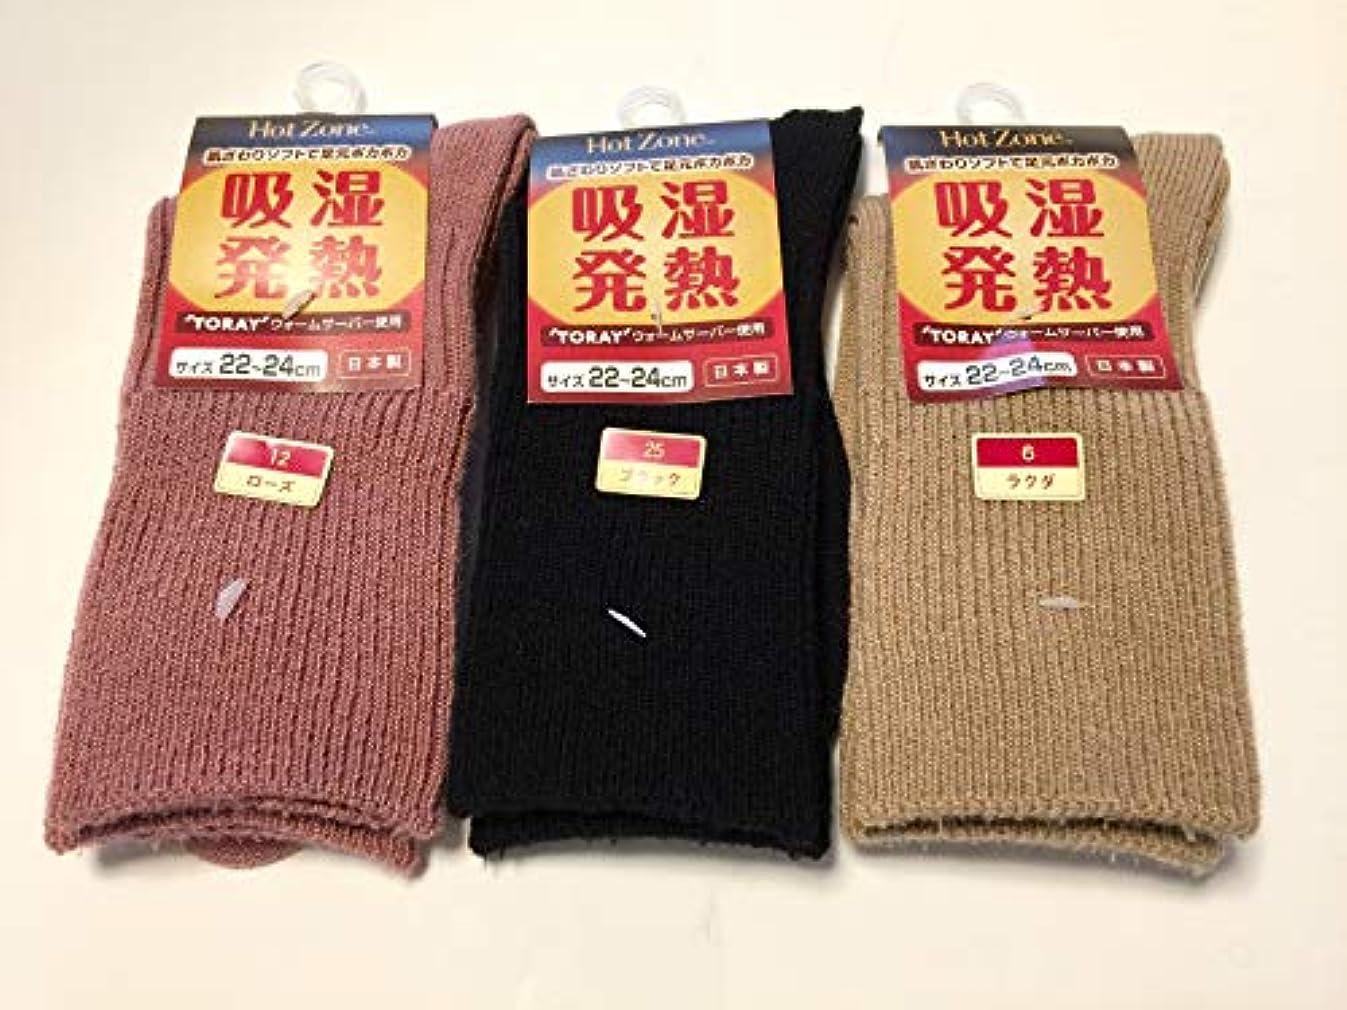 同僚レーザ比喩日本製 靴下 あったか レディース 吸湿発熱 毛混 口ゴムゆったり 22-24cm 3足組